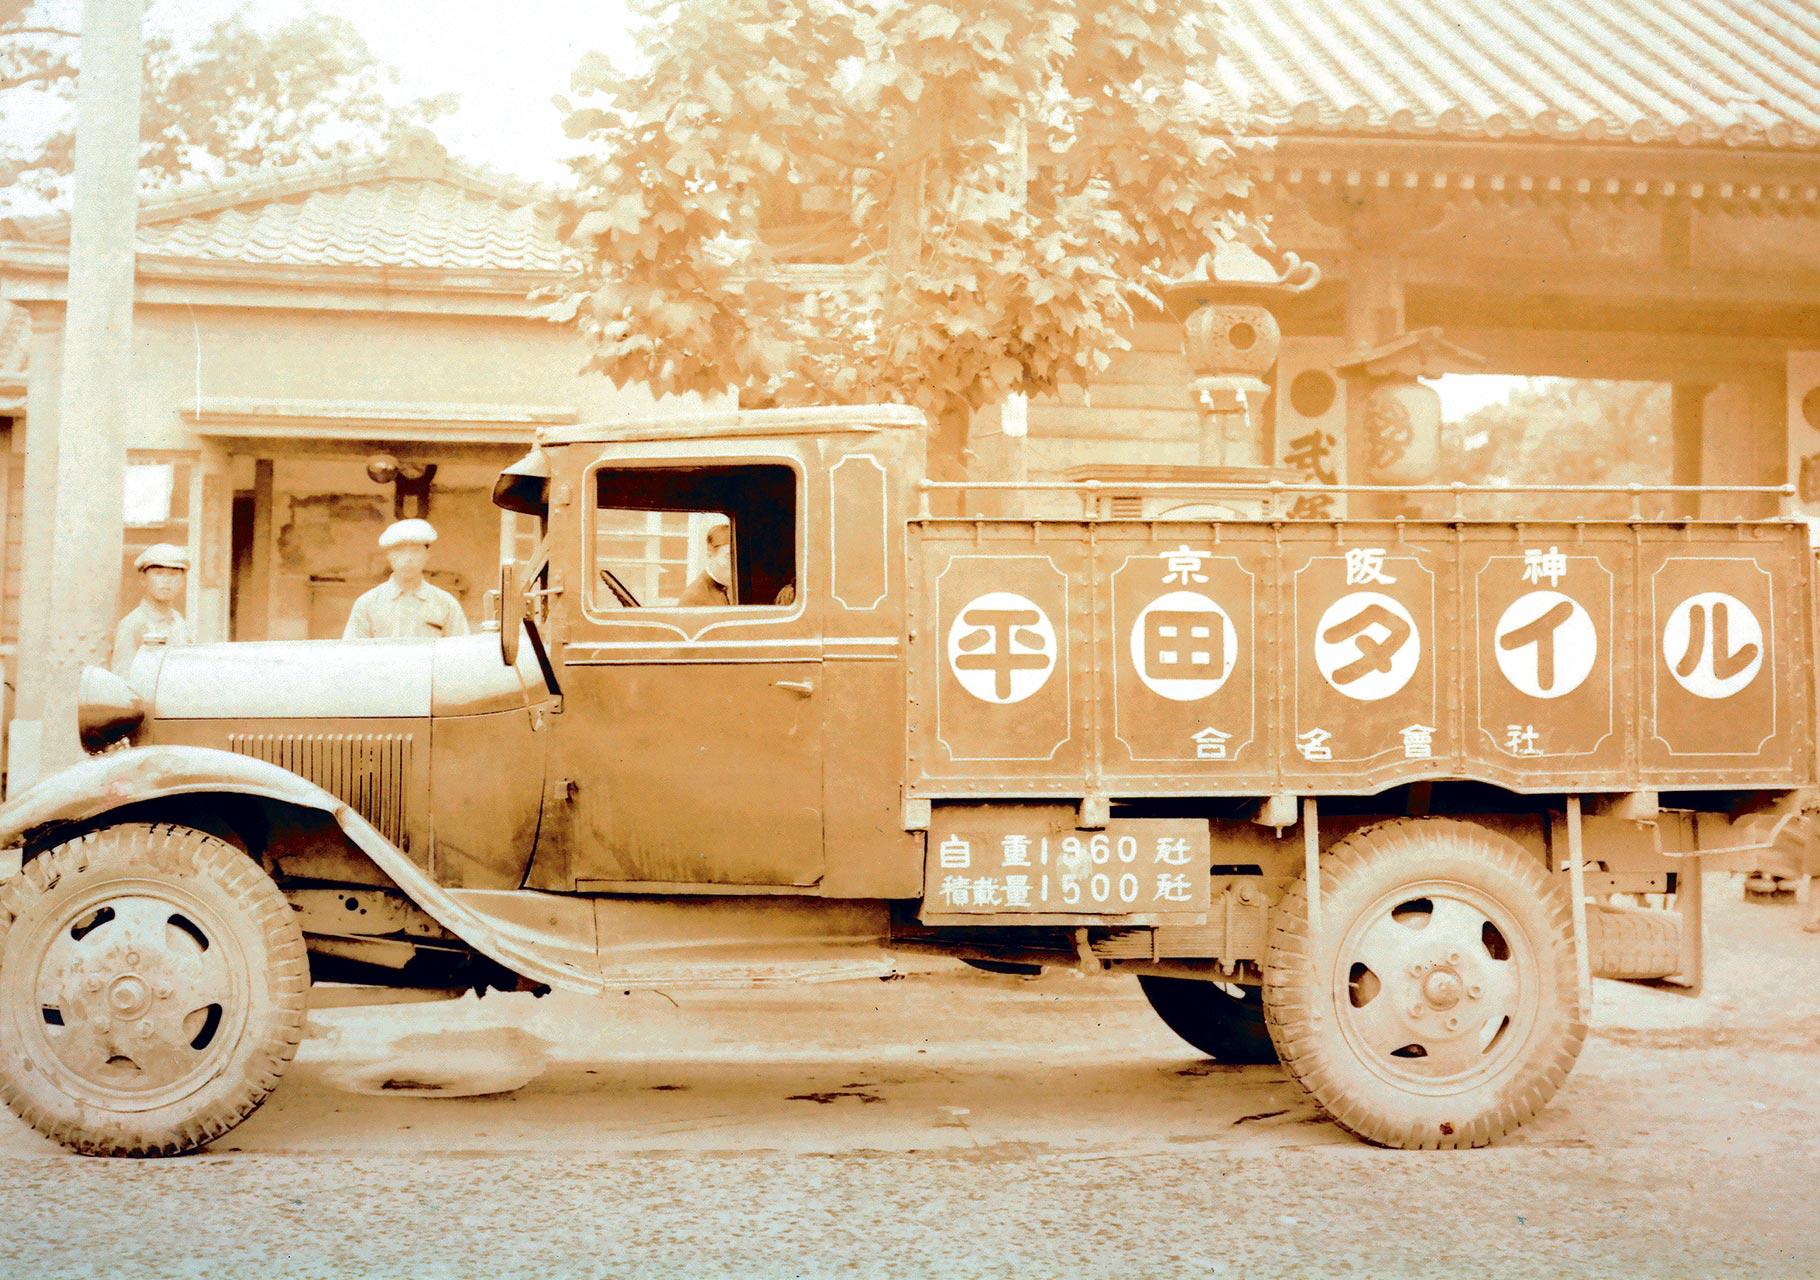 当時の営業車。今見るとオシャレですね。